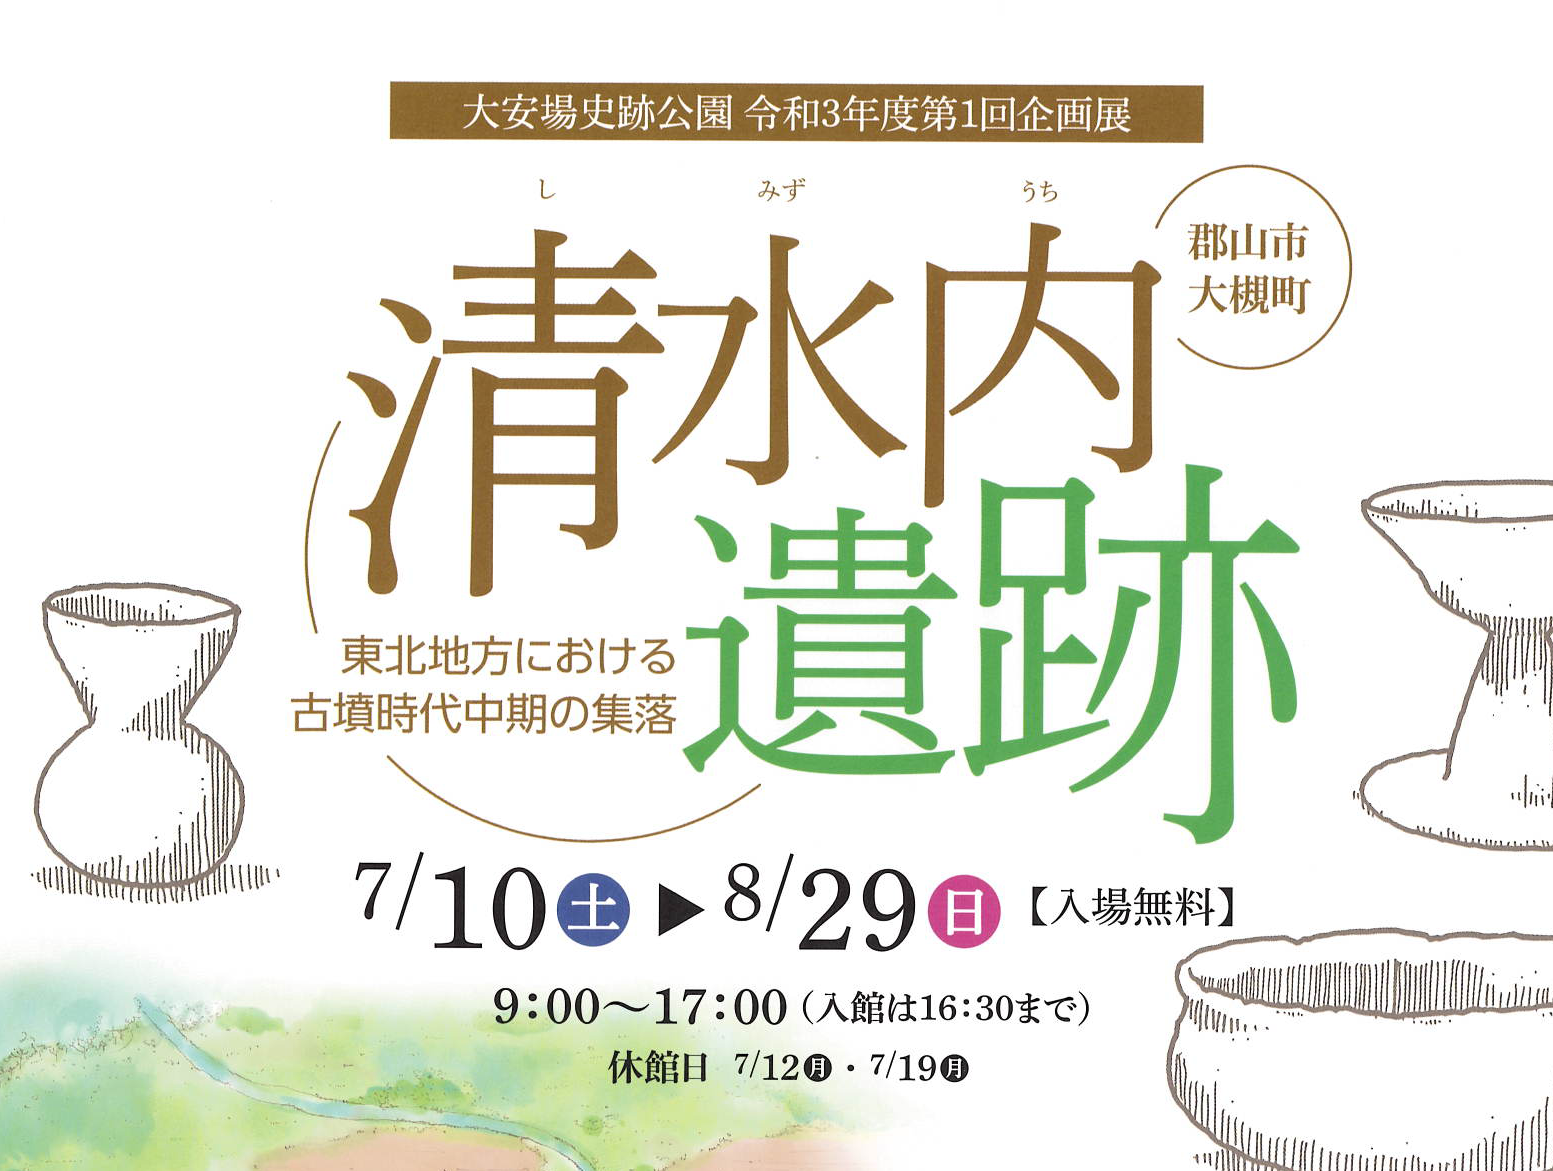 大安場史跡公園企画展「清水内遺跡」開催!◆7月10日(土)~8月29日(日)